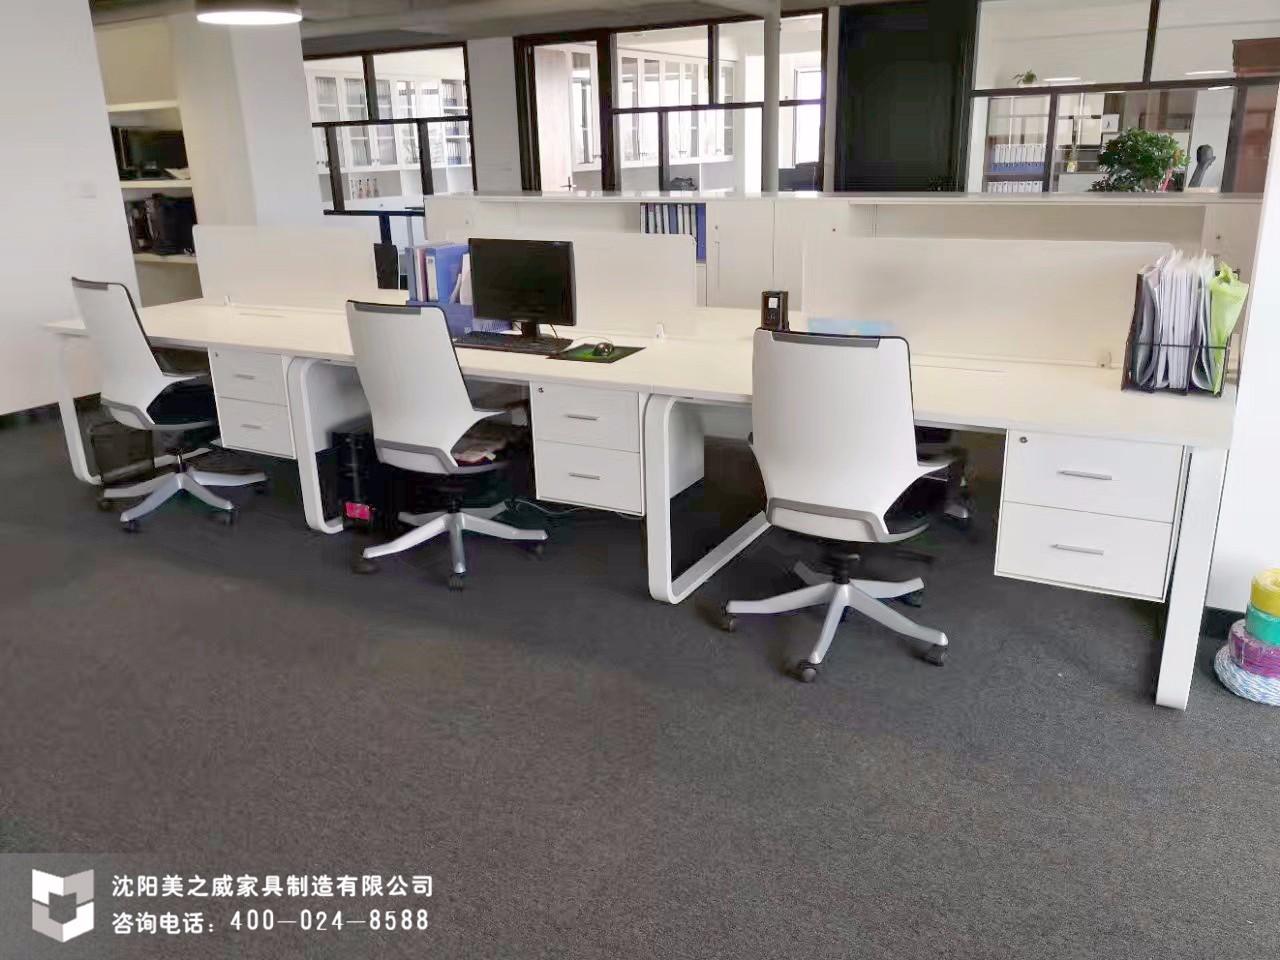 沈阳美之威提供办公桌 达能(中国)食品饮料有限公司